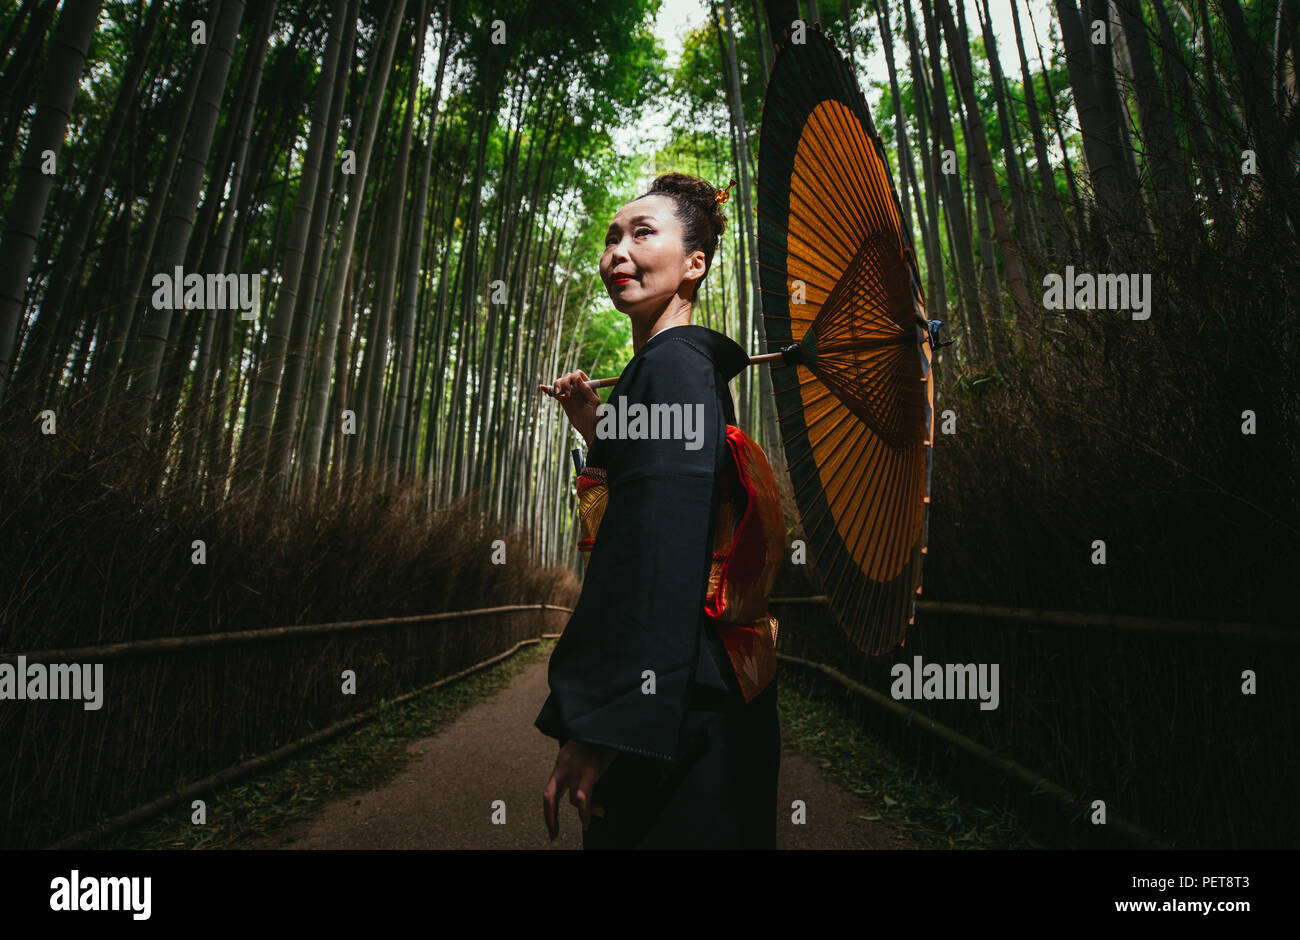 Belle japonaise hauts femme marche dans la forêt de bambous Photo Stock